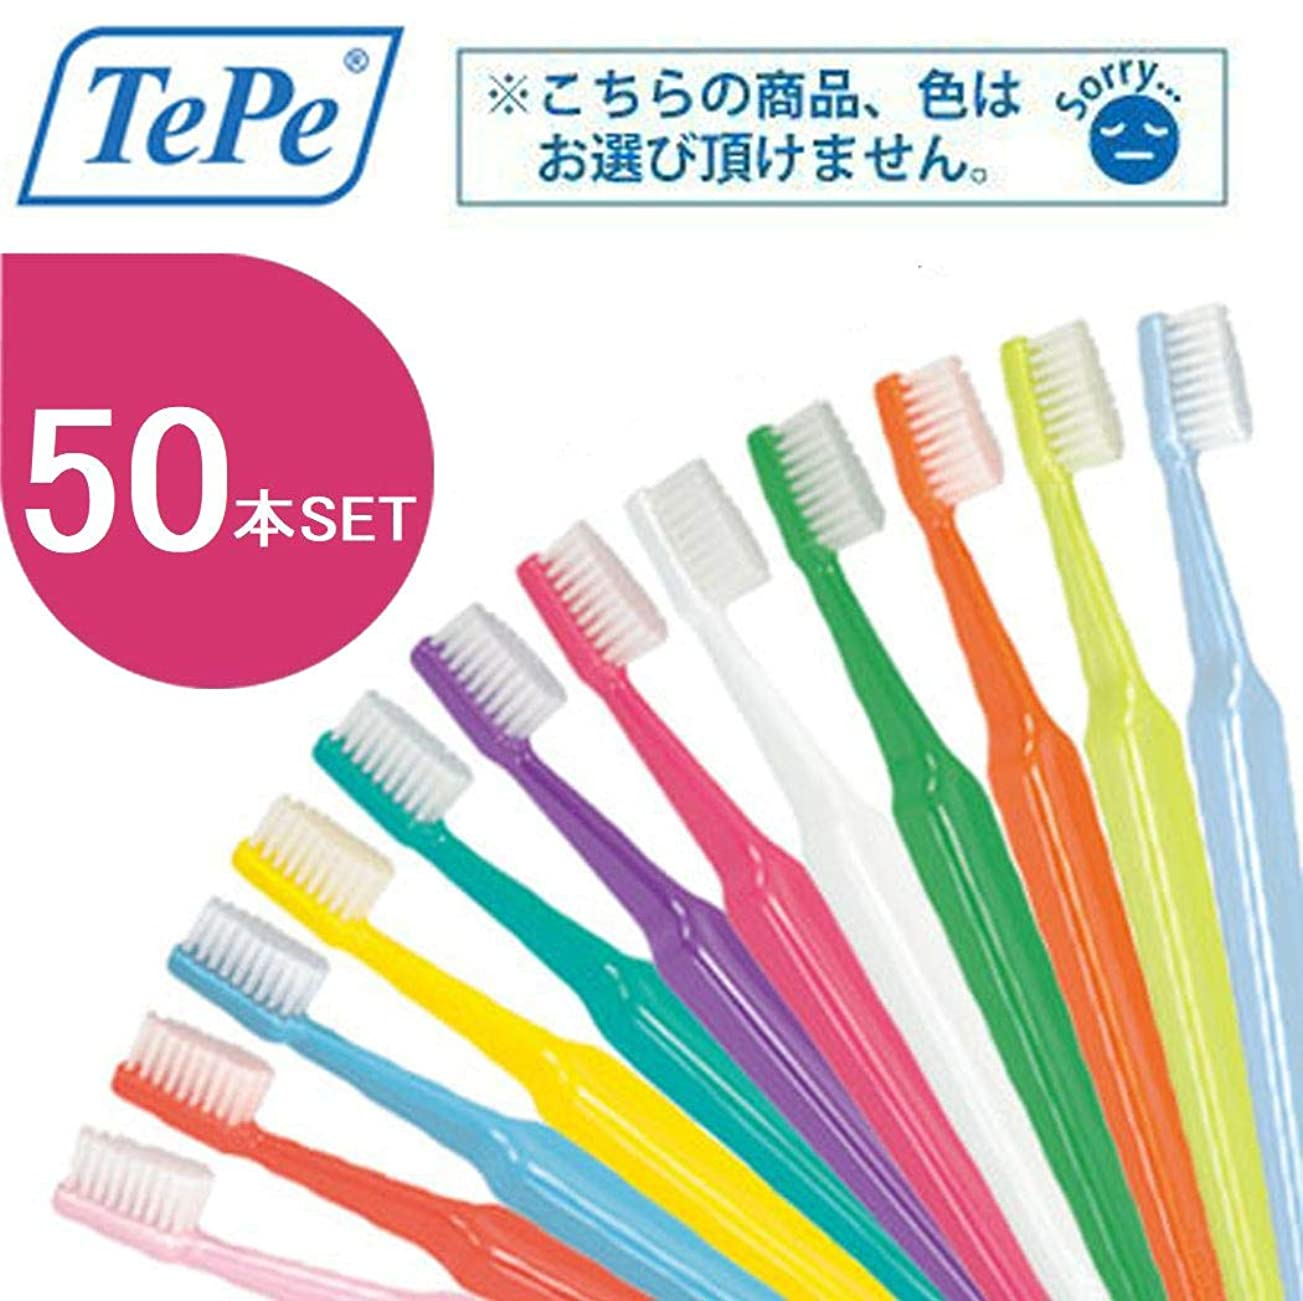 インフルエンザめったに不十分なクロスフィールド TePe テペ セレクト 歯ブラシ 50本 (エクストラソフト)